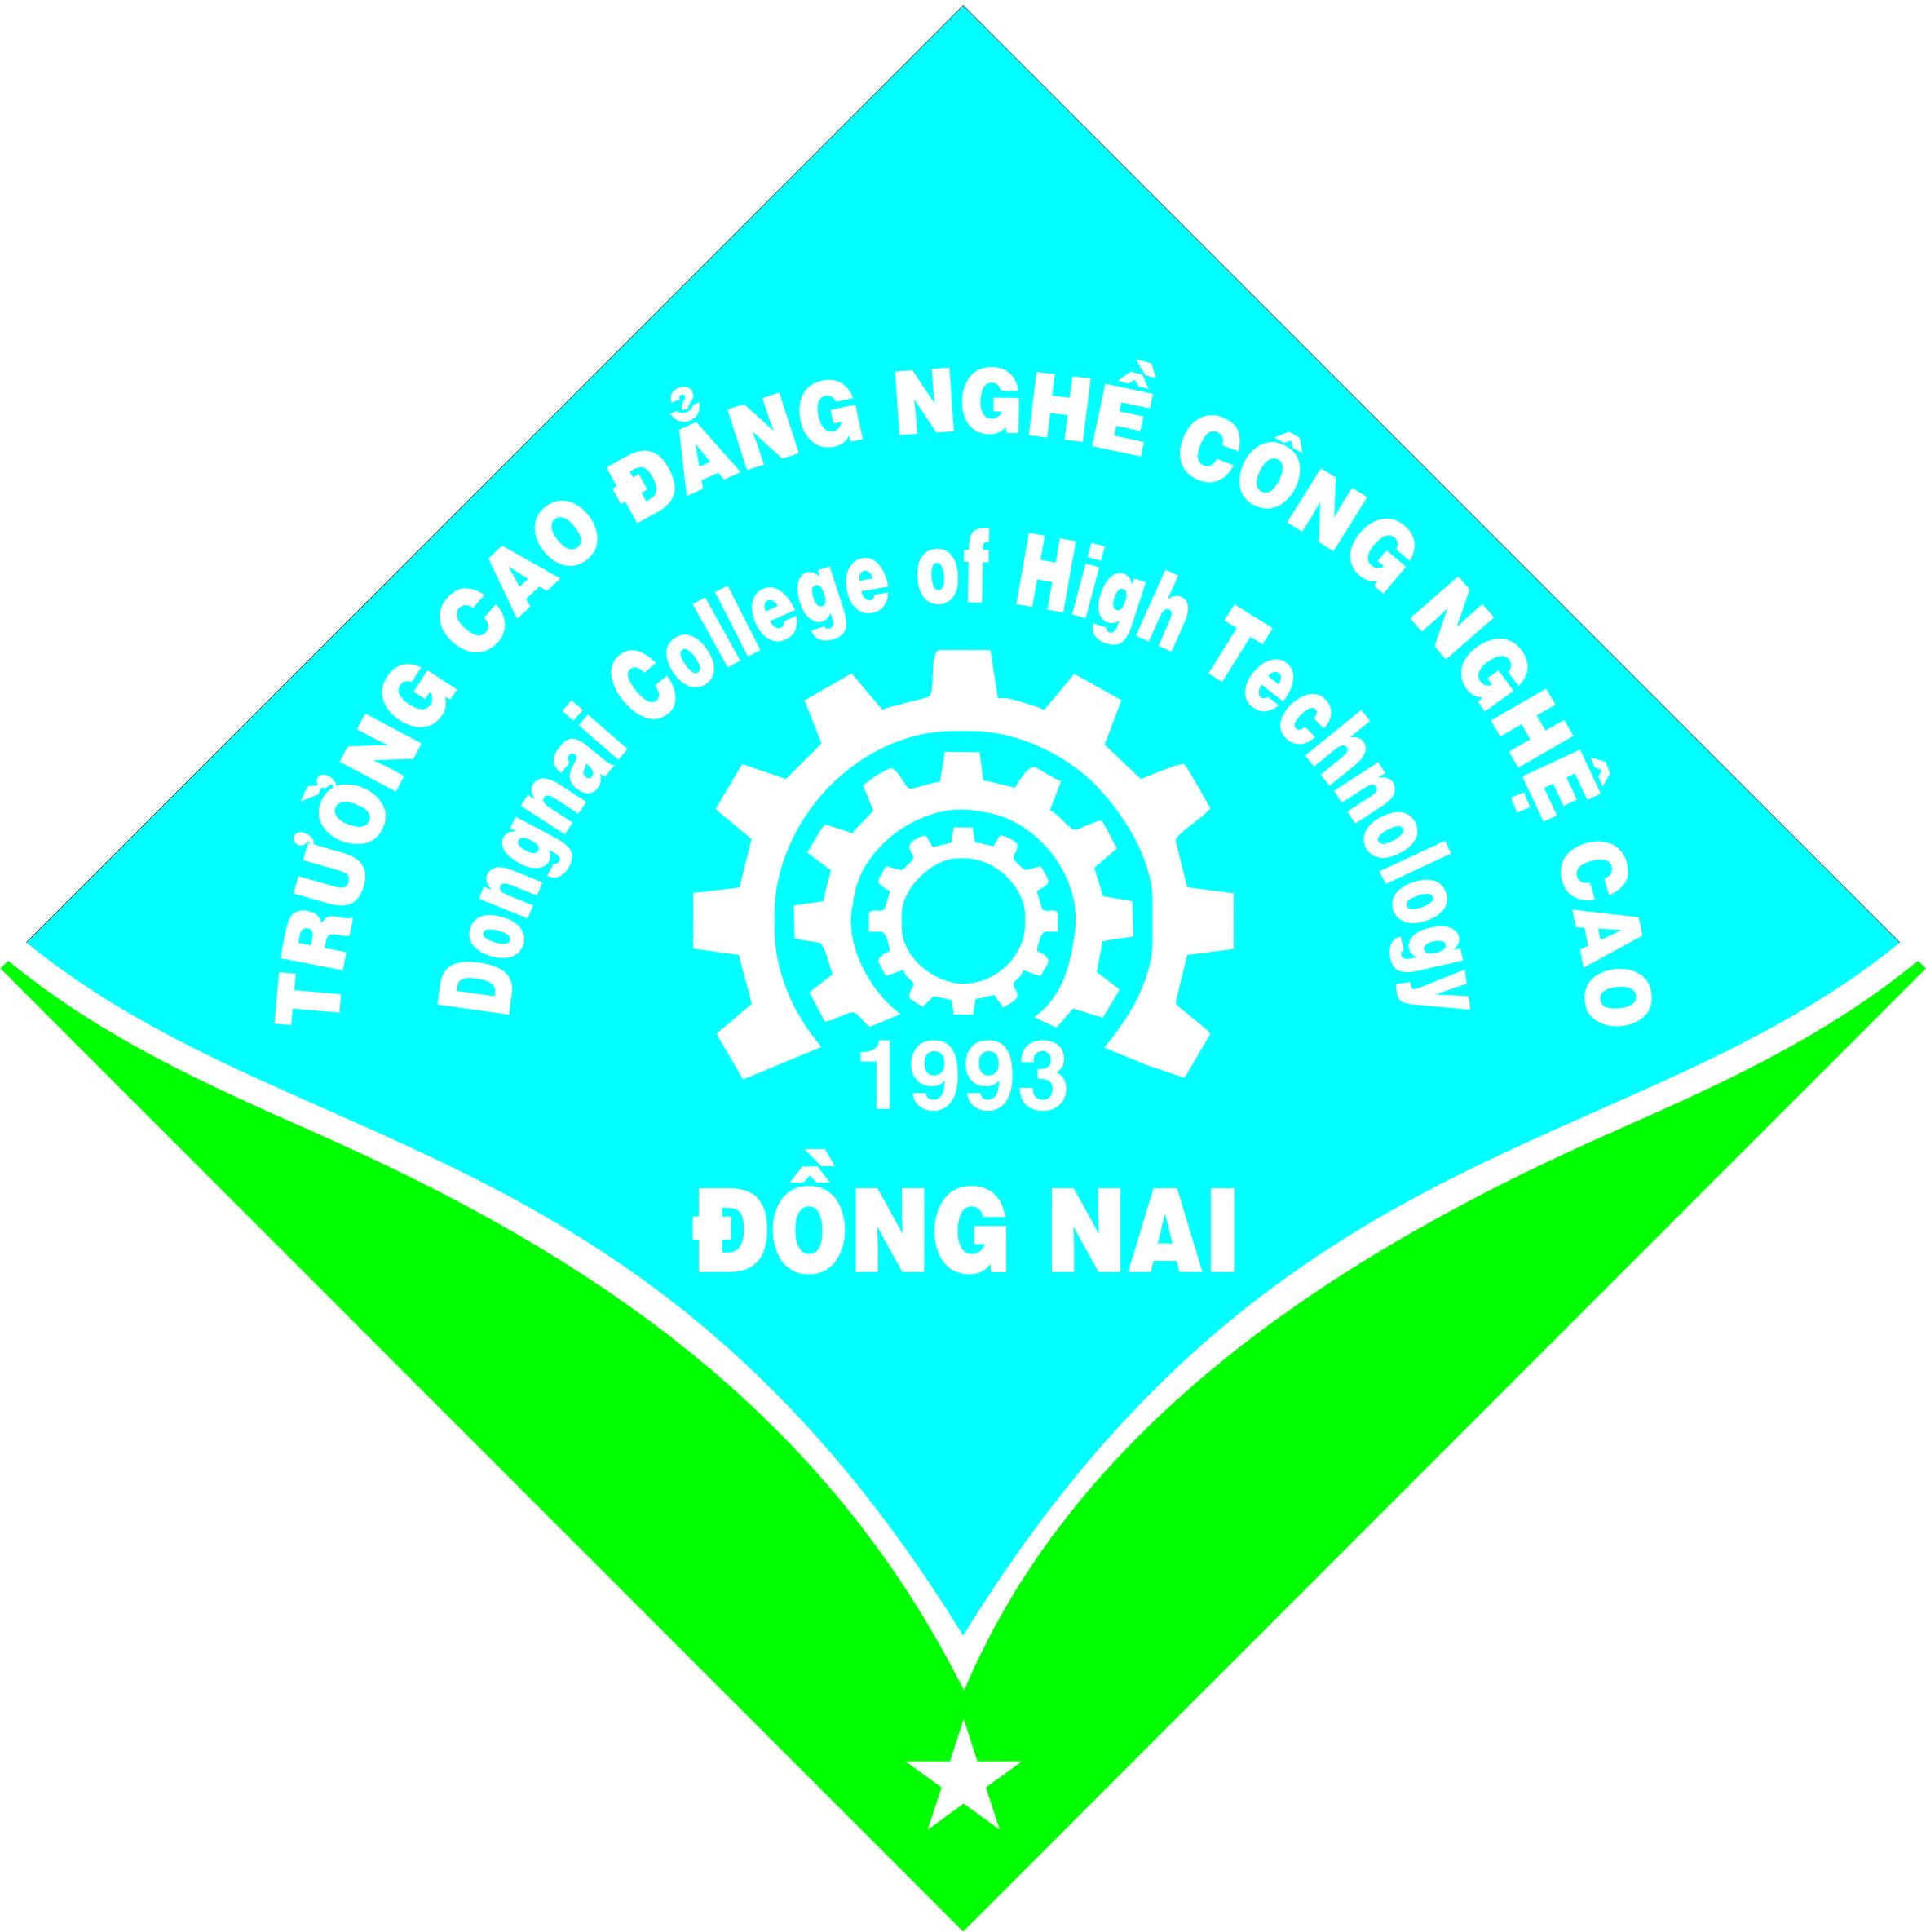 Thông Tin Tuyển Sinh Trường Cao Đẳng Nghề Công Nghệ Cao Đồng Nai